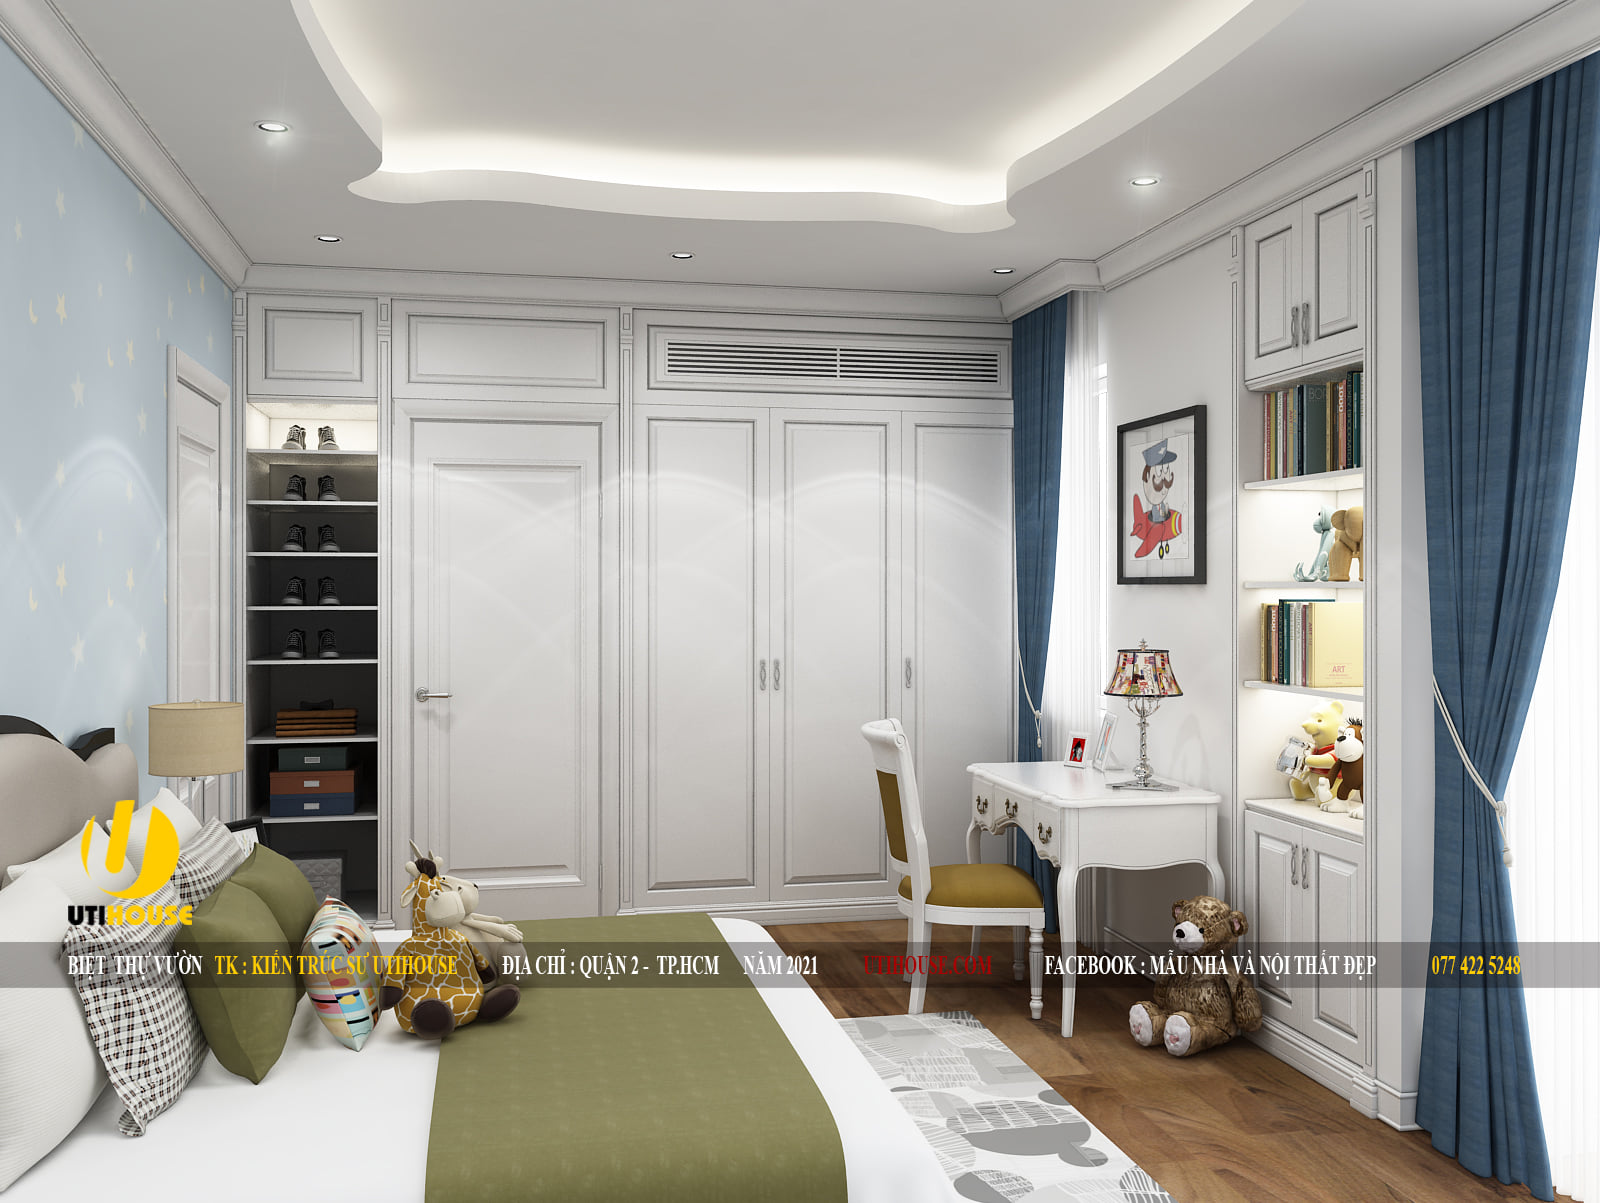 Mẫu thiết kế phòng ngủ sang trọng, hiện đại cho chung cư